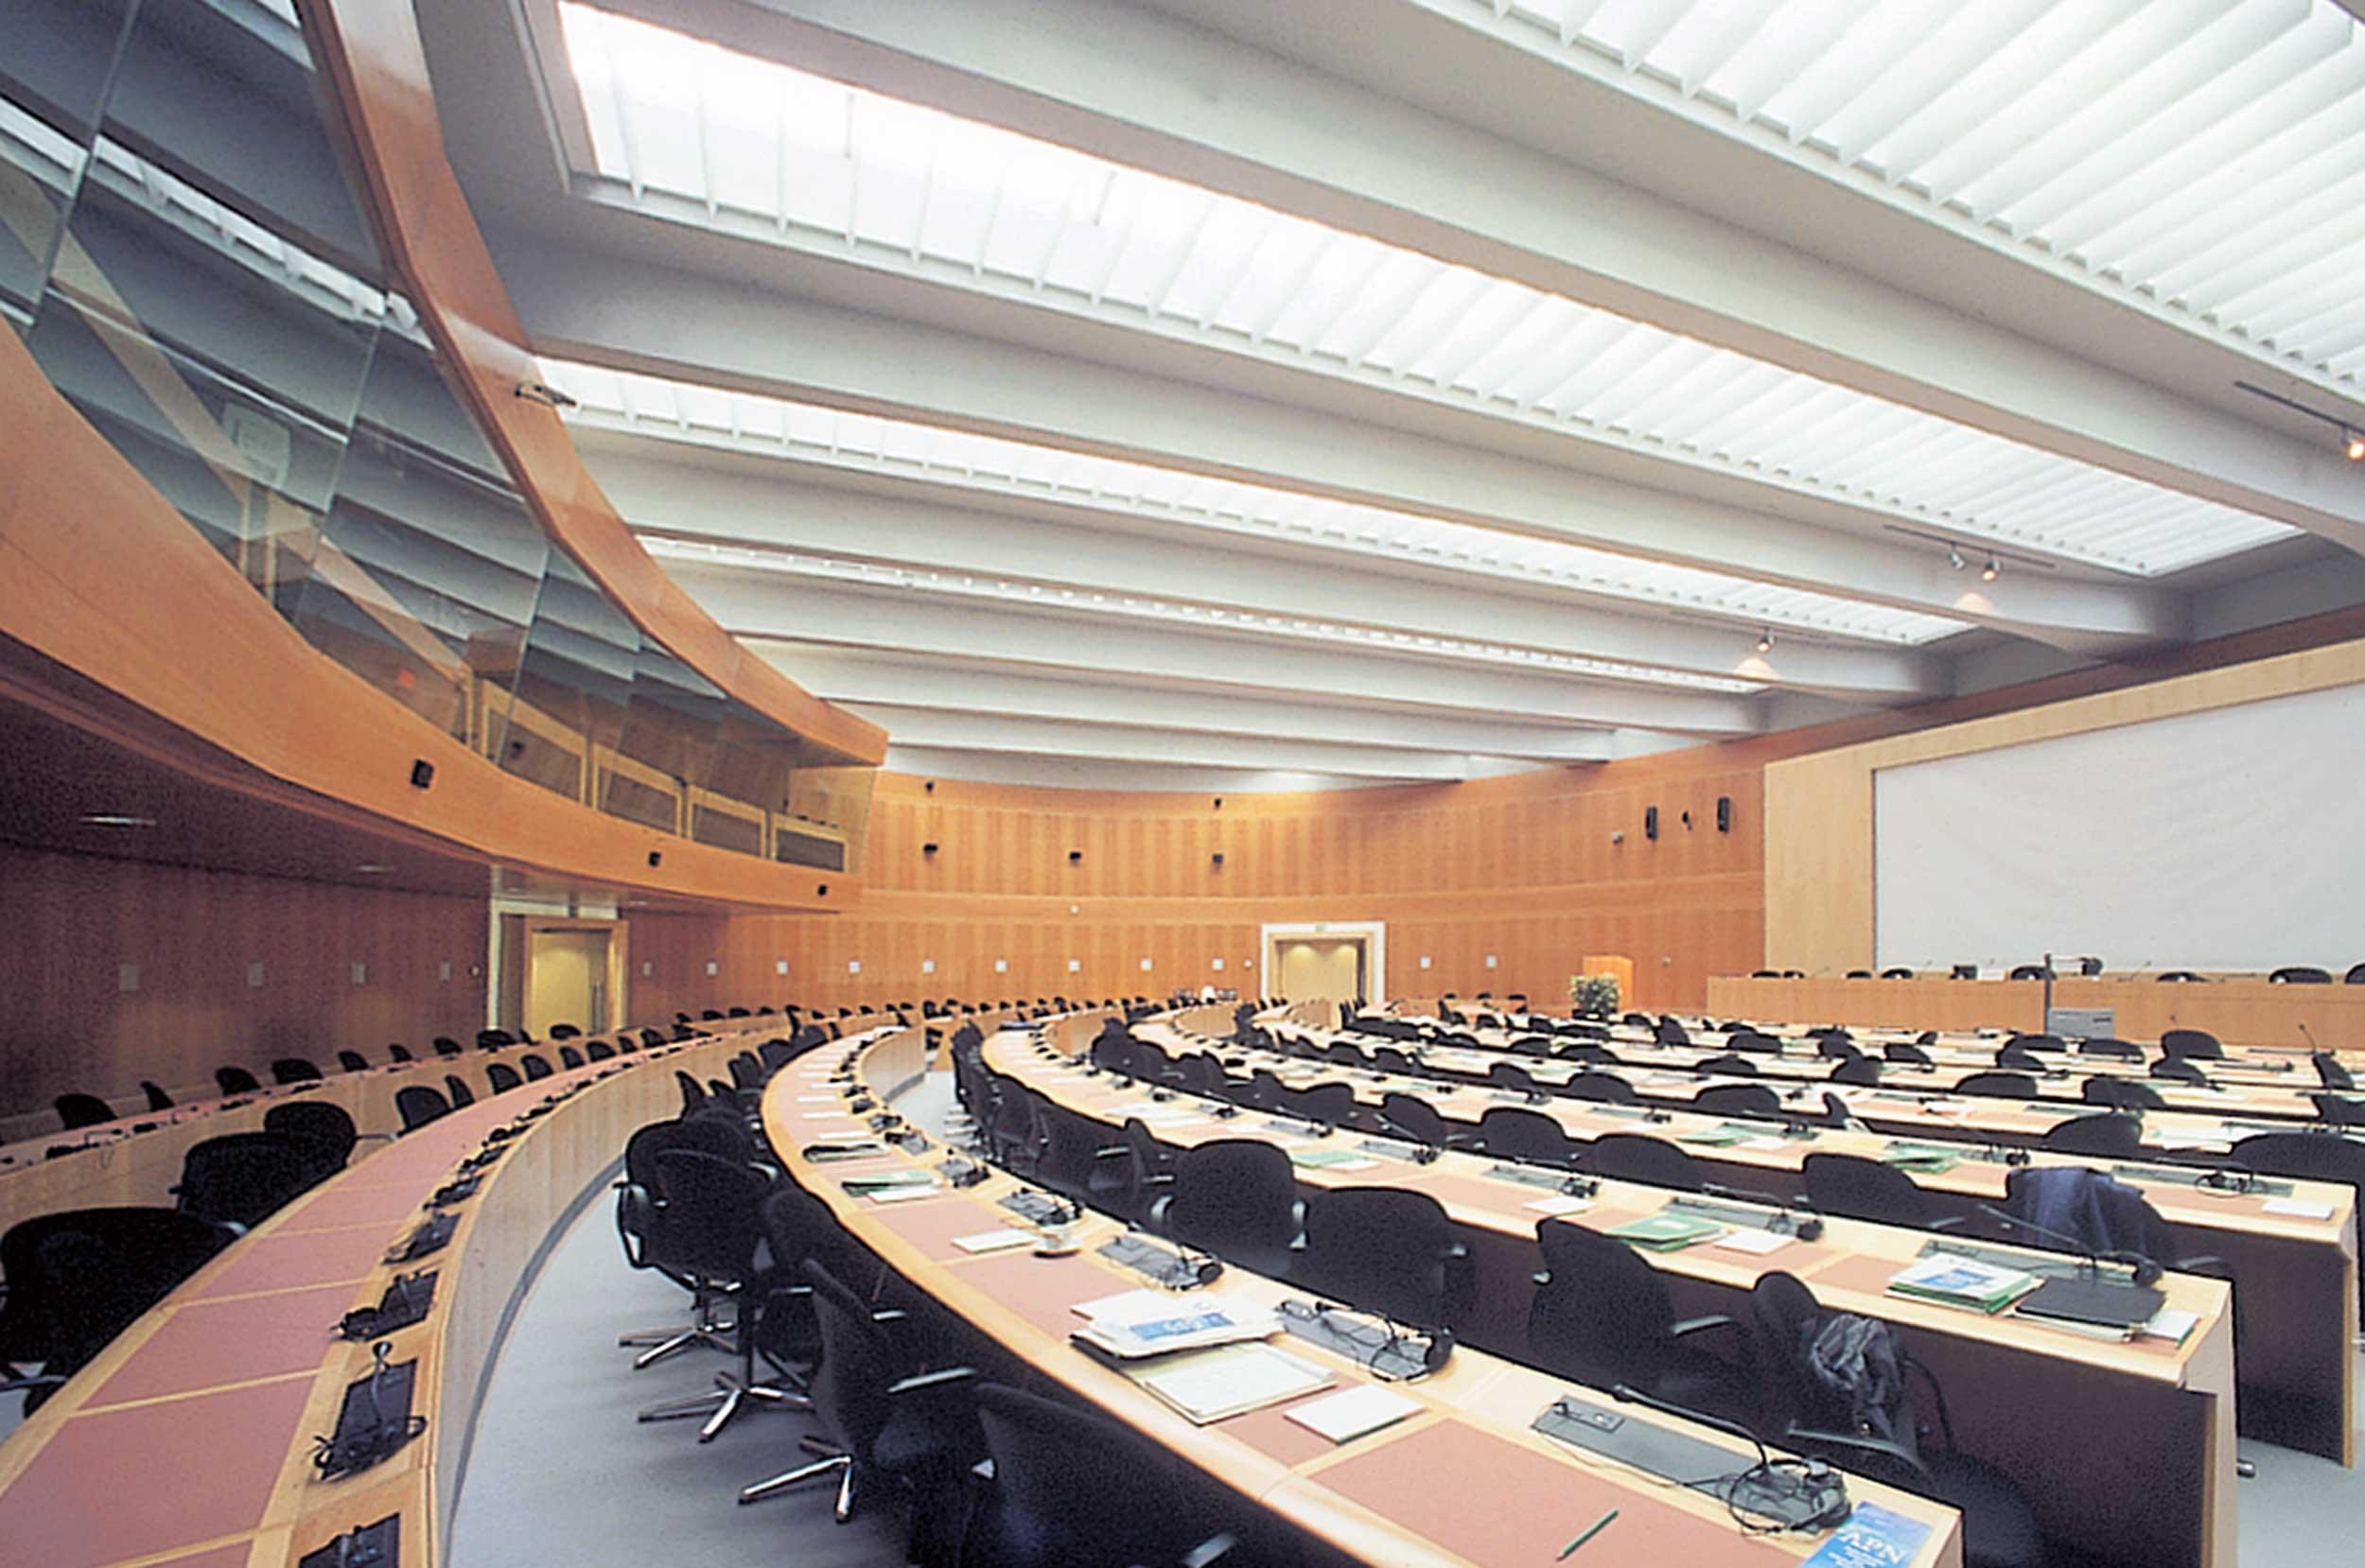 Le bâtiment comprend une salle de conférence (260 personnes), une salle de séminaire (60 personnes) et des salons de réception.